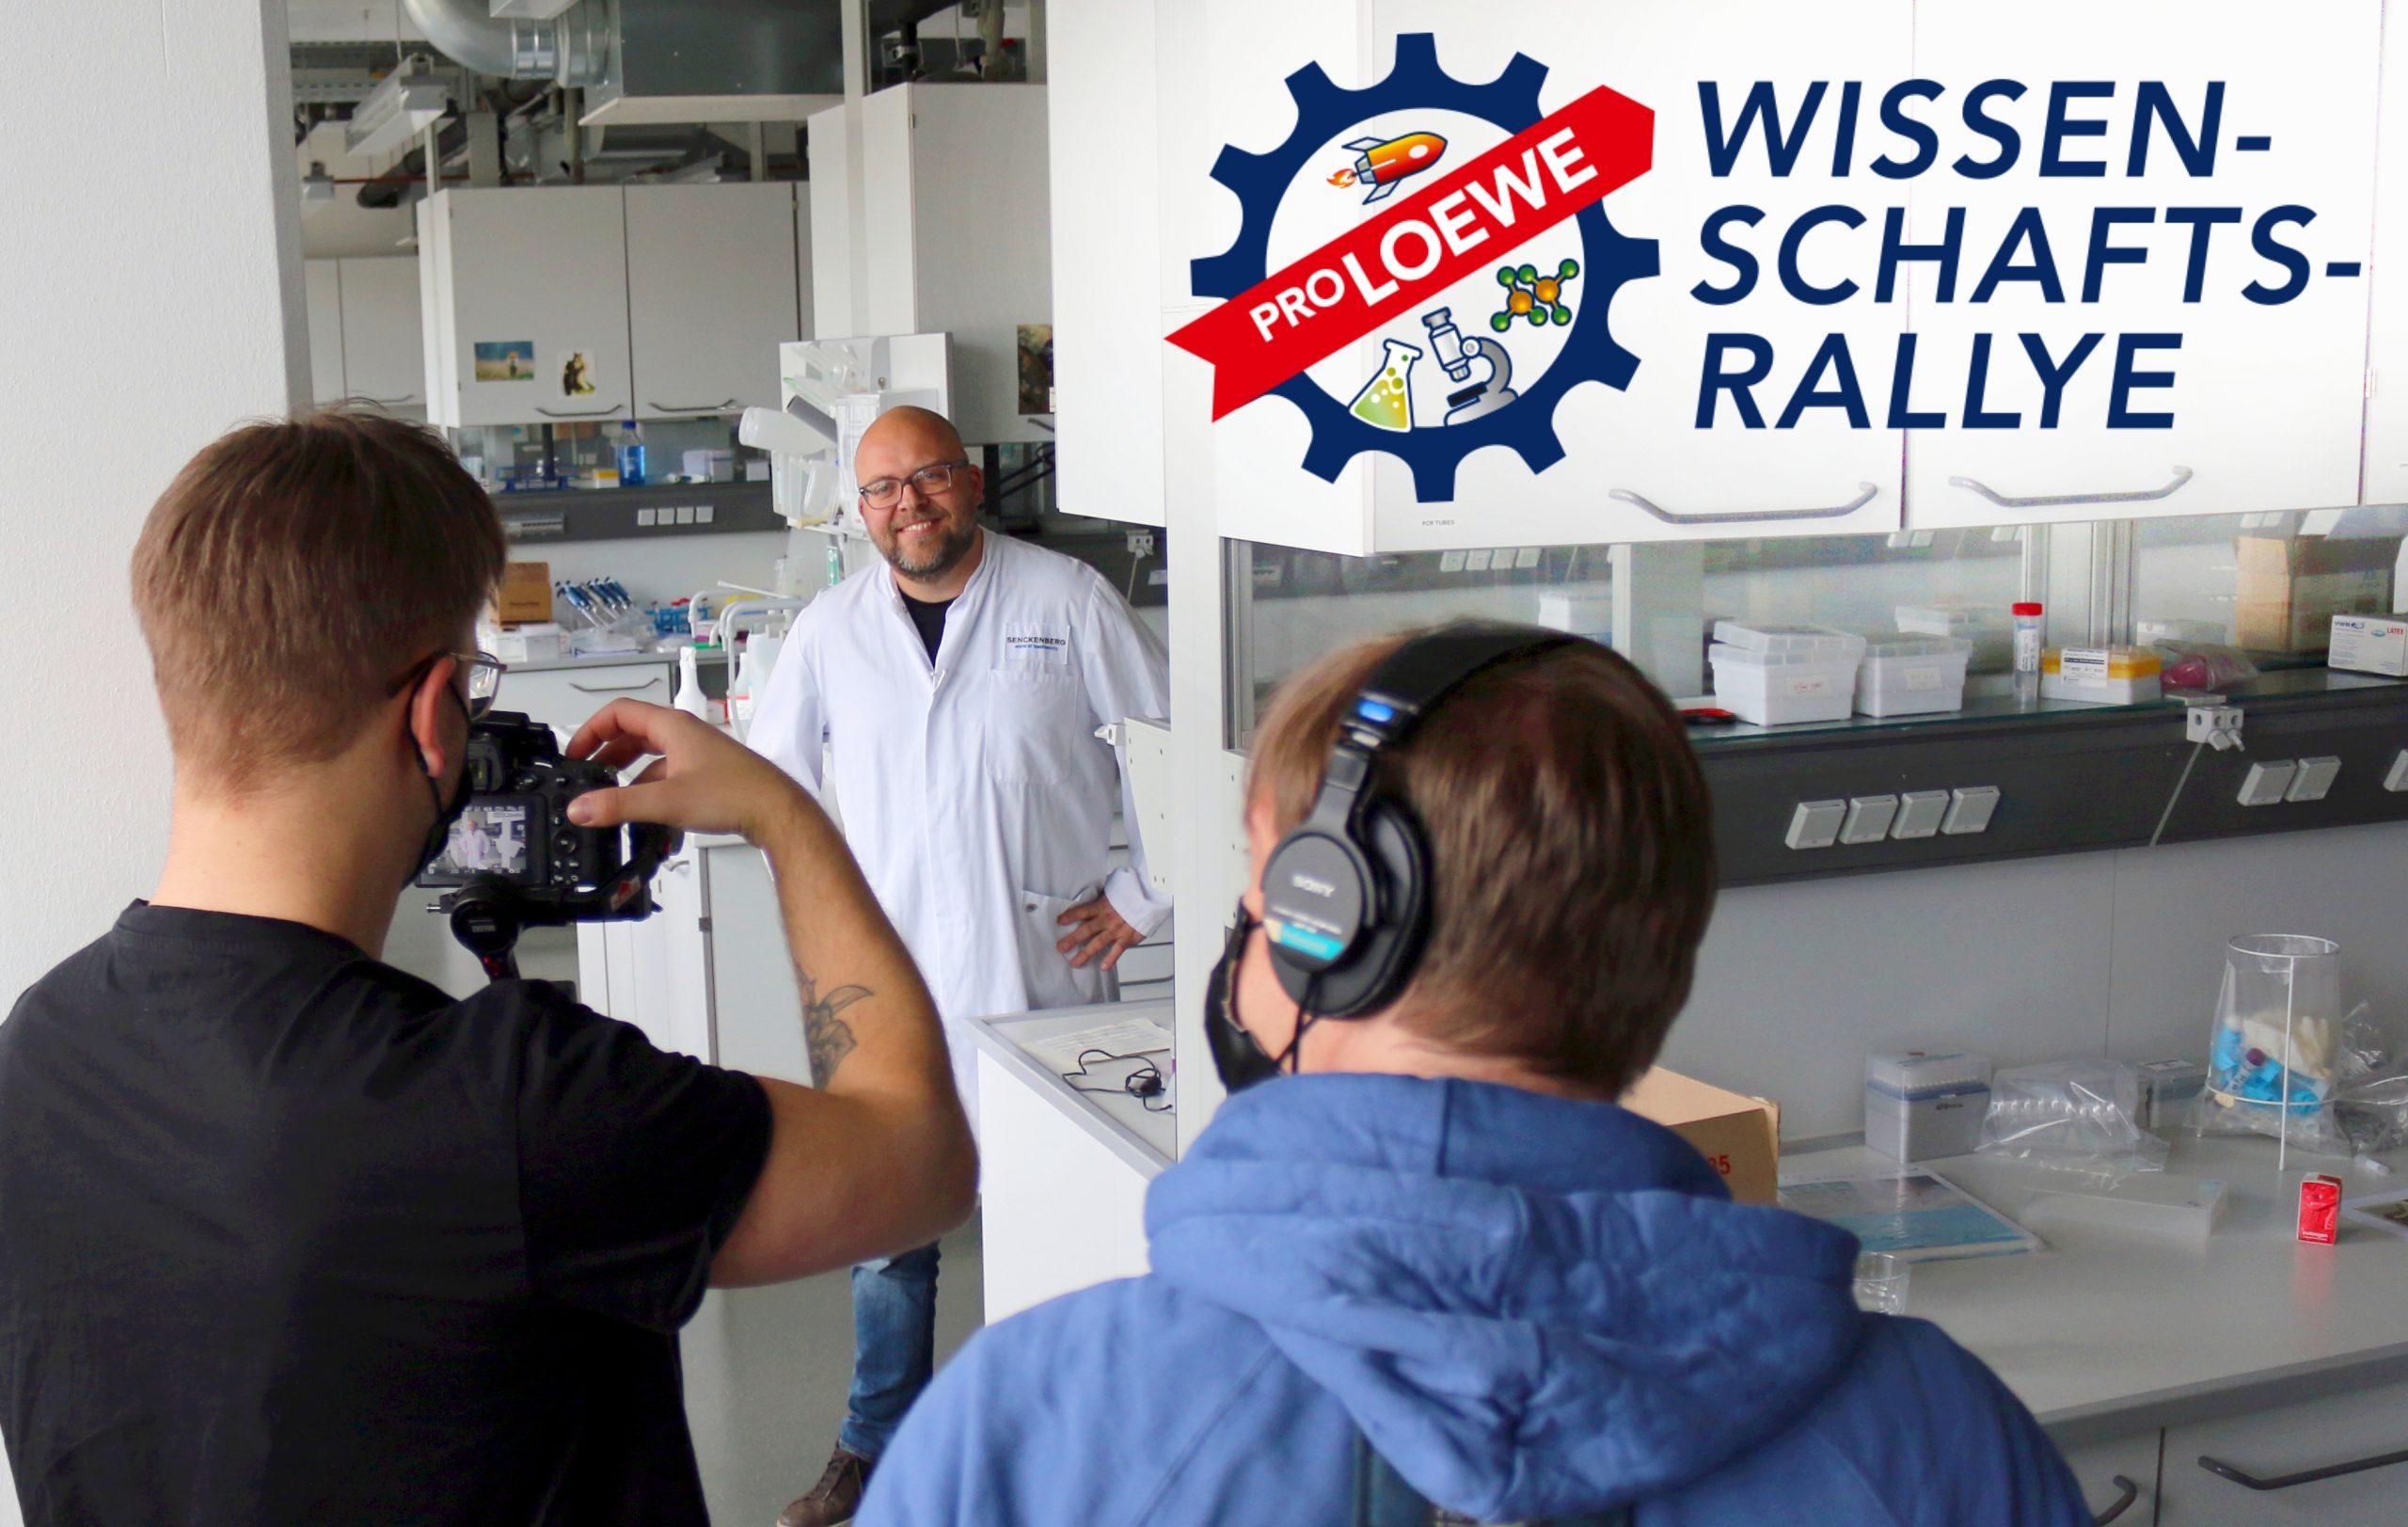 Dr. Carsten Nowak beim Filmdreh für die ProLOEWE Wissenschaftsrallye (Foto: Eva Diehl / Senckenberg))